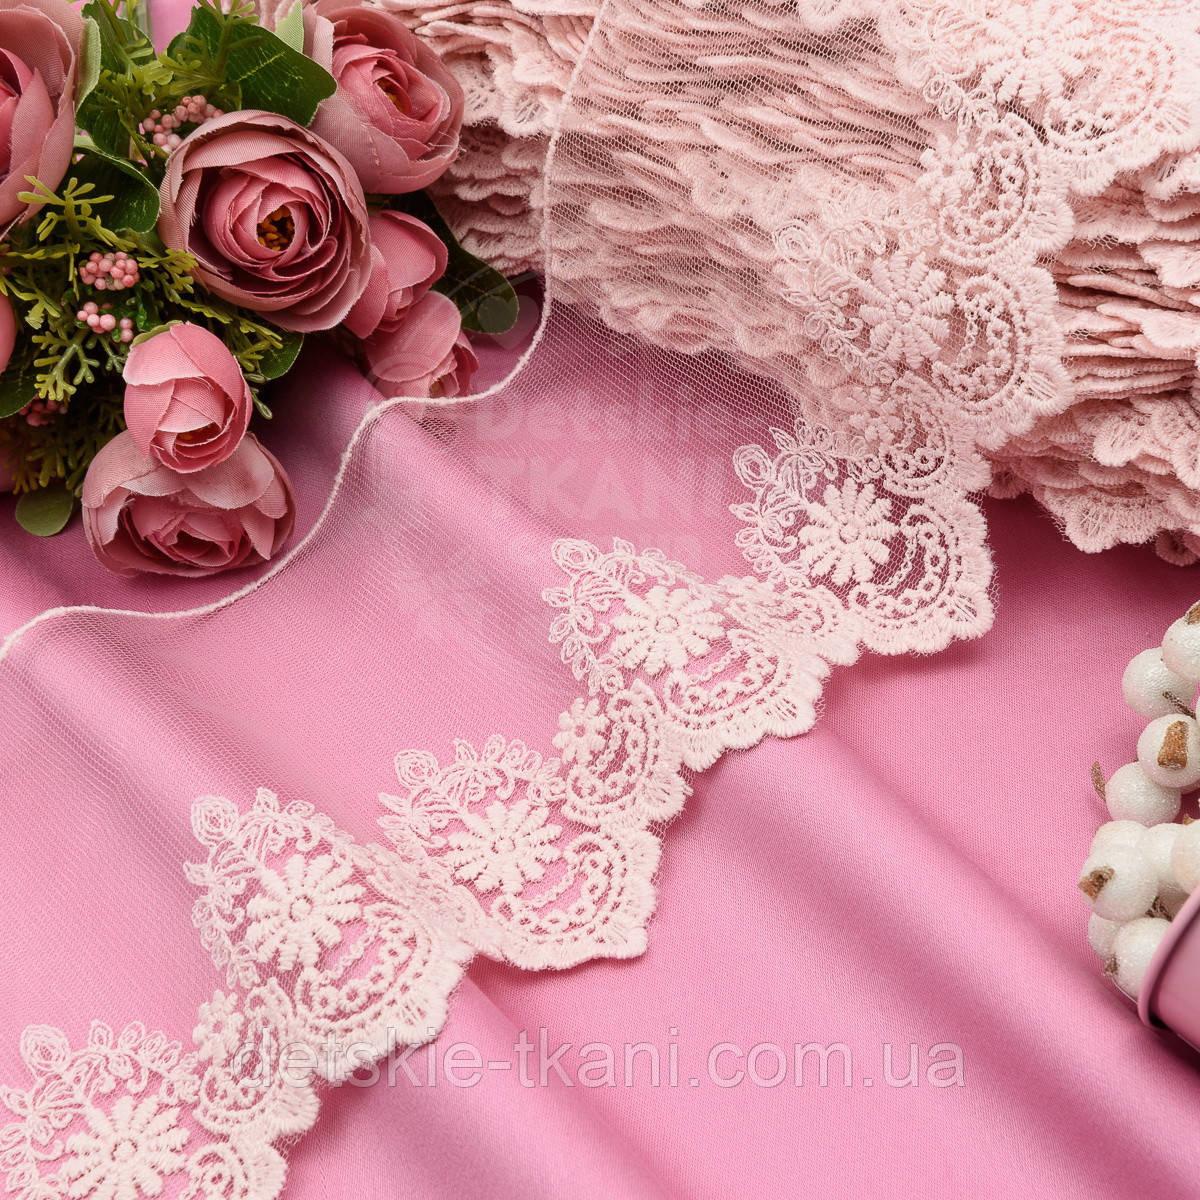 Кружево с вышивкой по одному краю, цвет светло-розовый, ширина 13 см